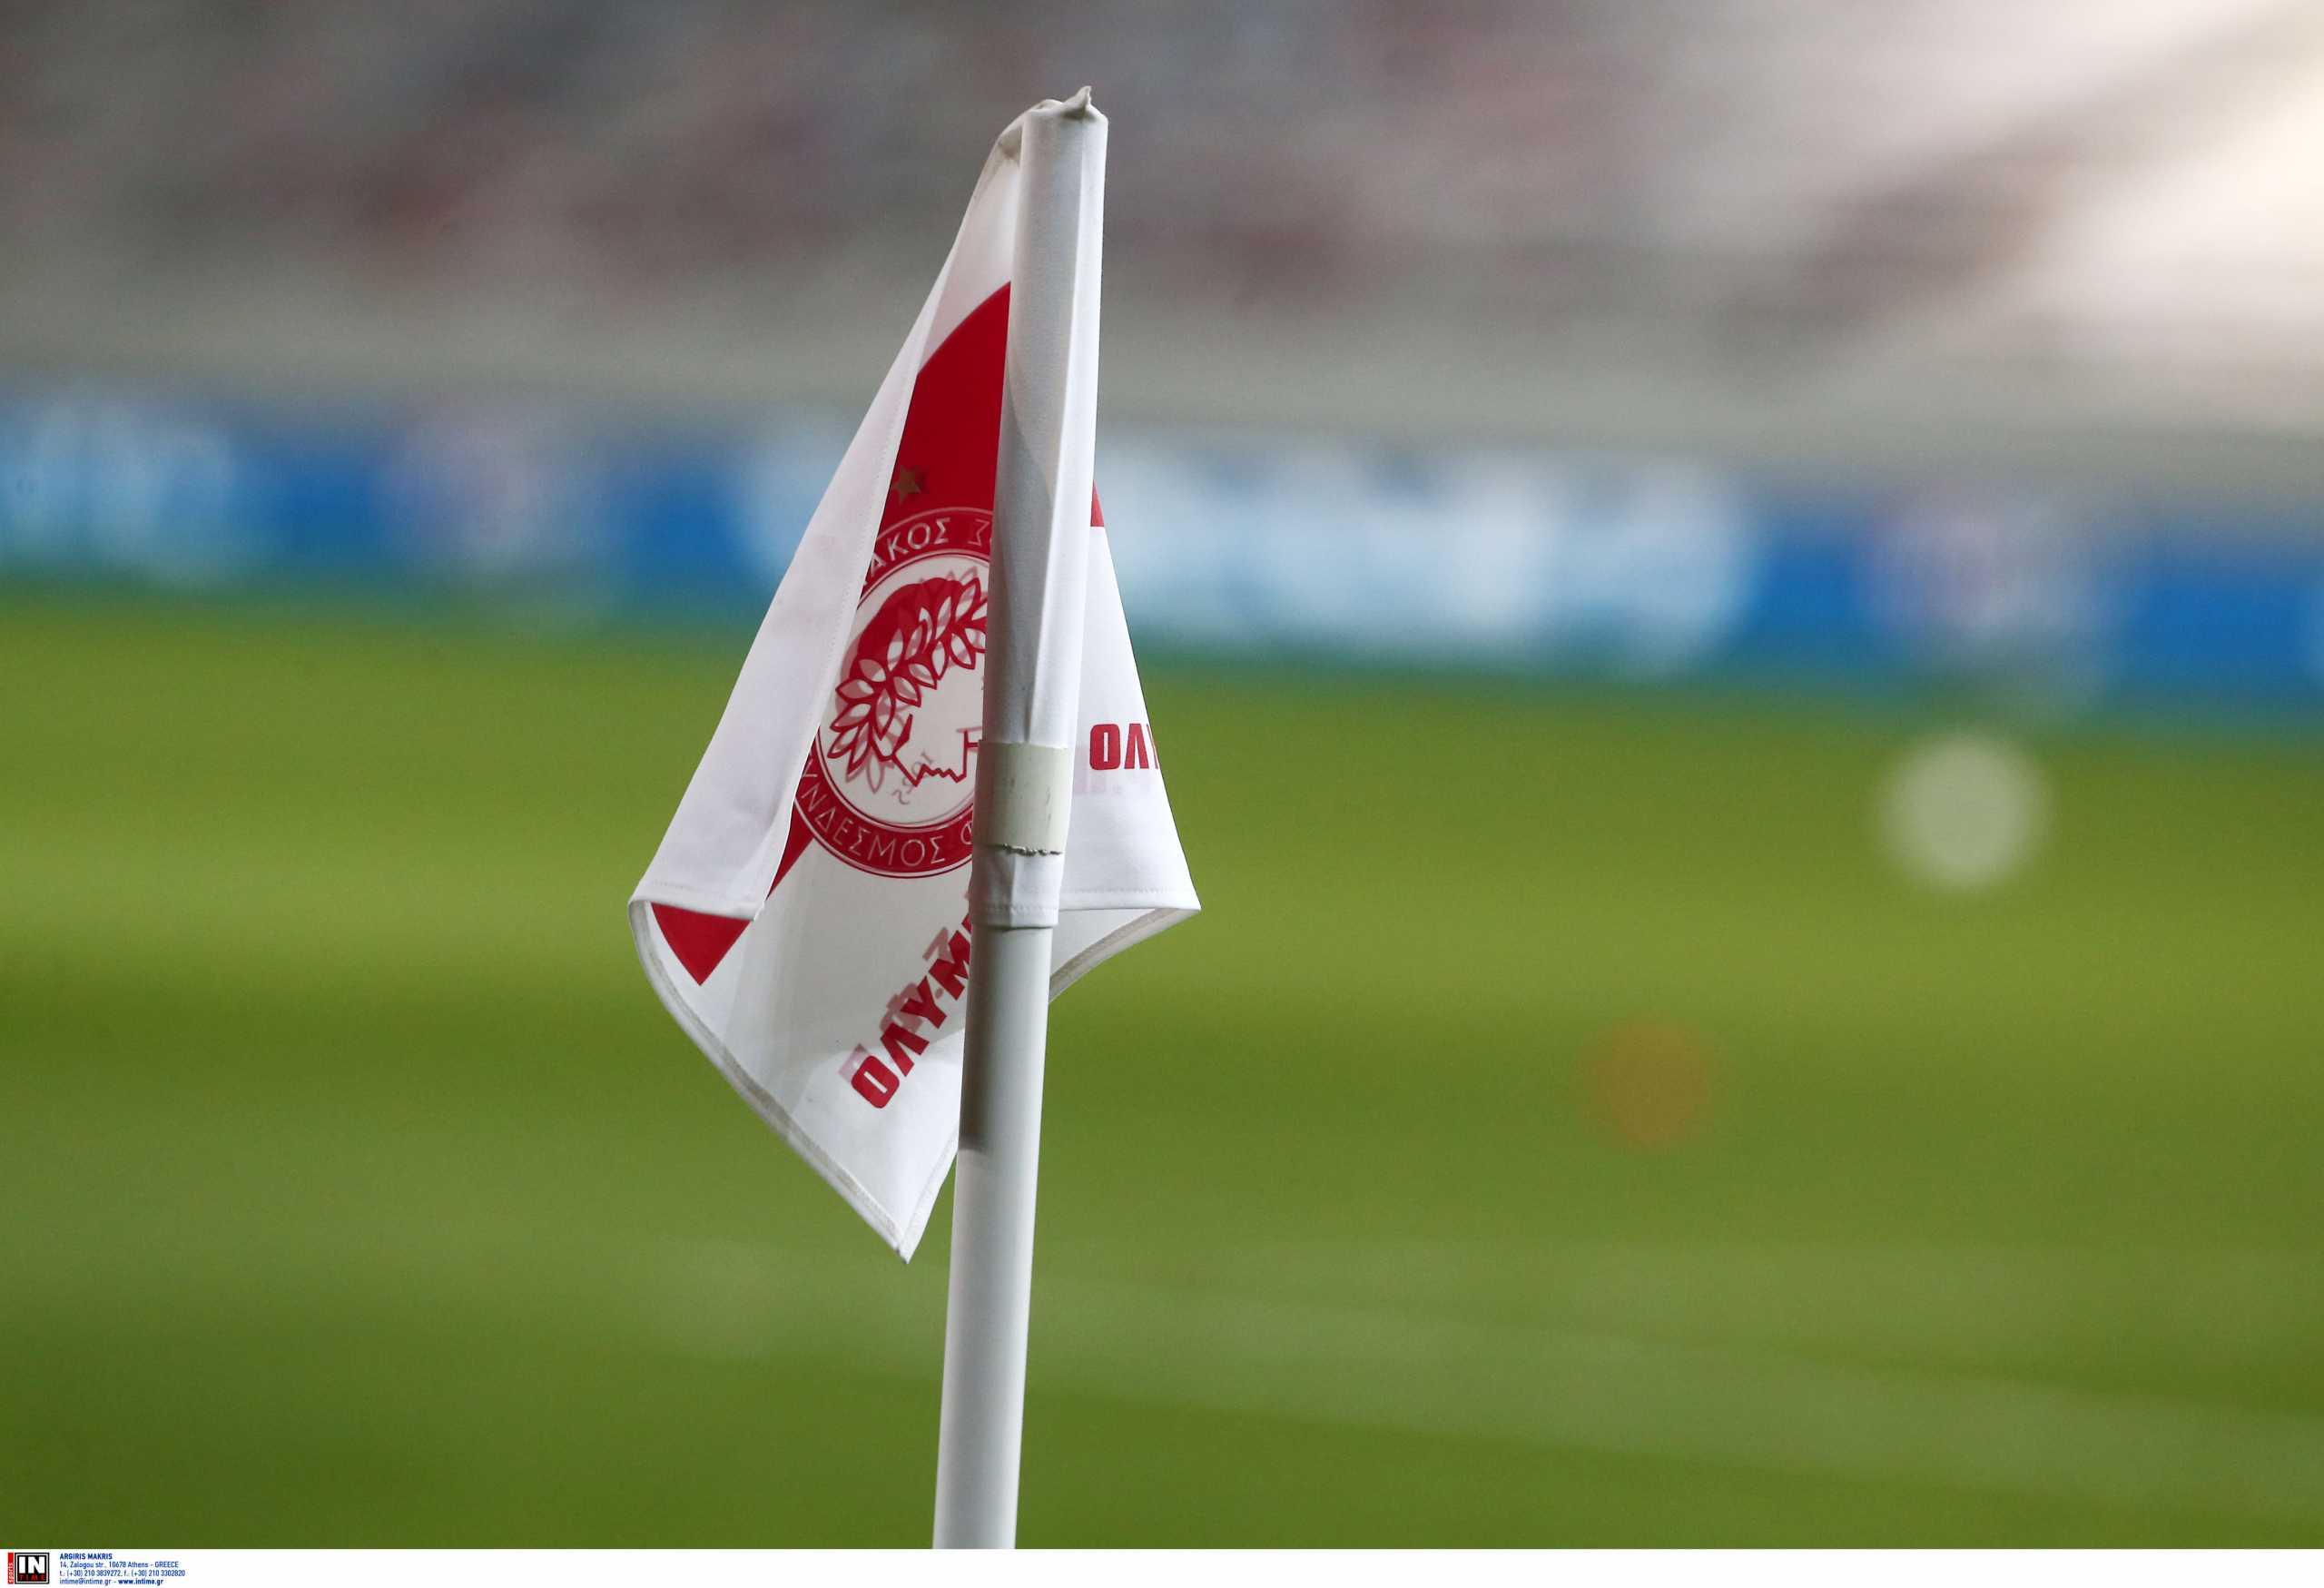 Ολυμπιακός: Το συγκινητικό μήνυμα για τον οπαδό της ΑΕΚ (pic)